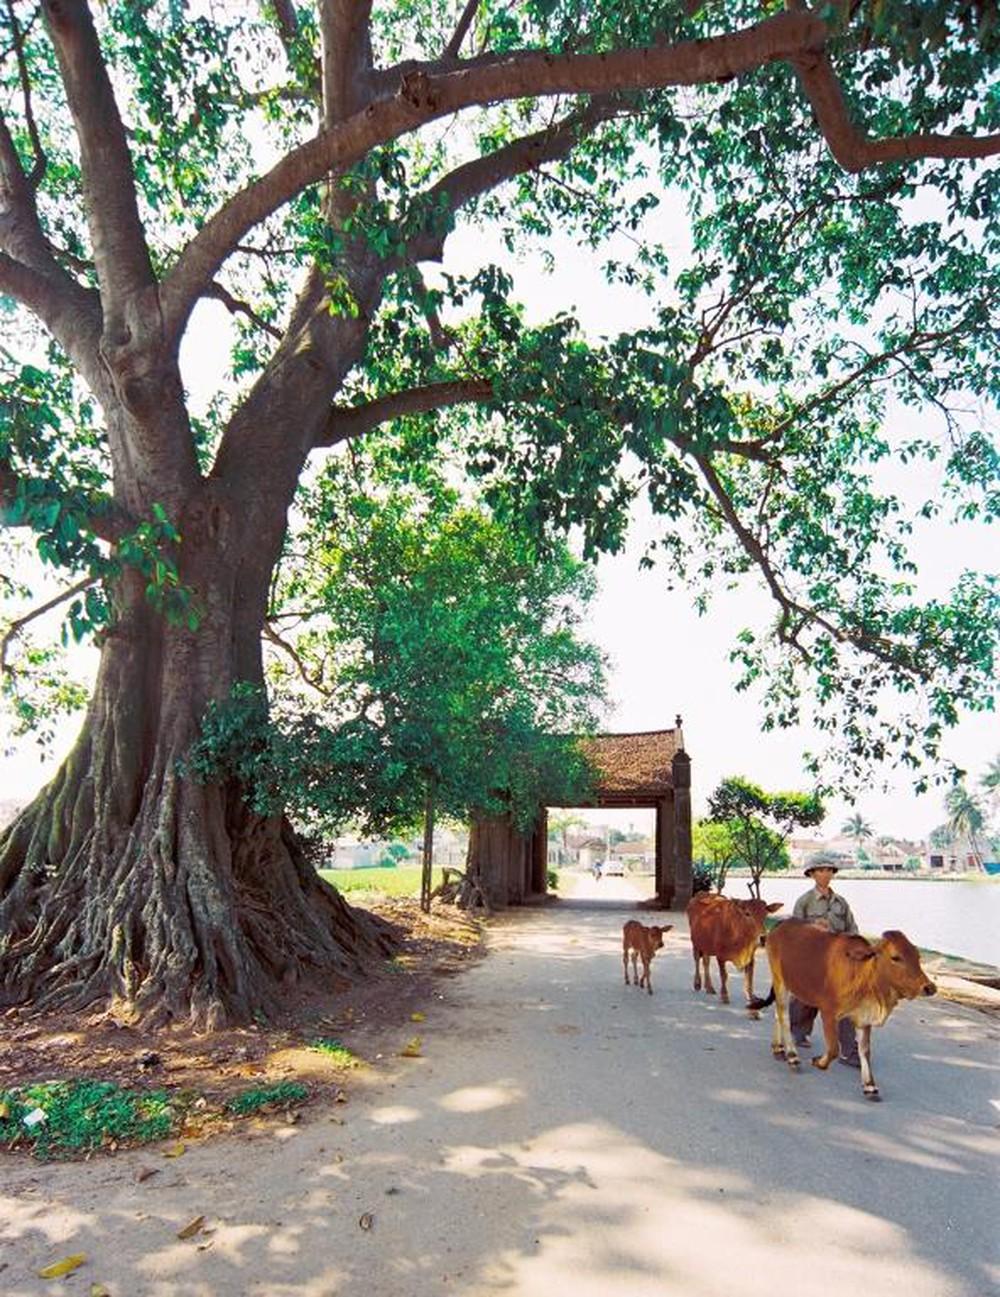 Hình ảnh quê hương cây đa đầu làng